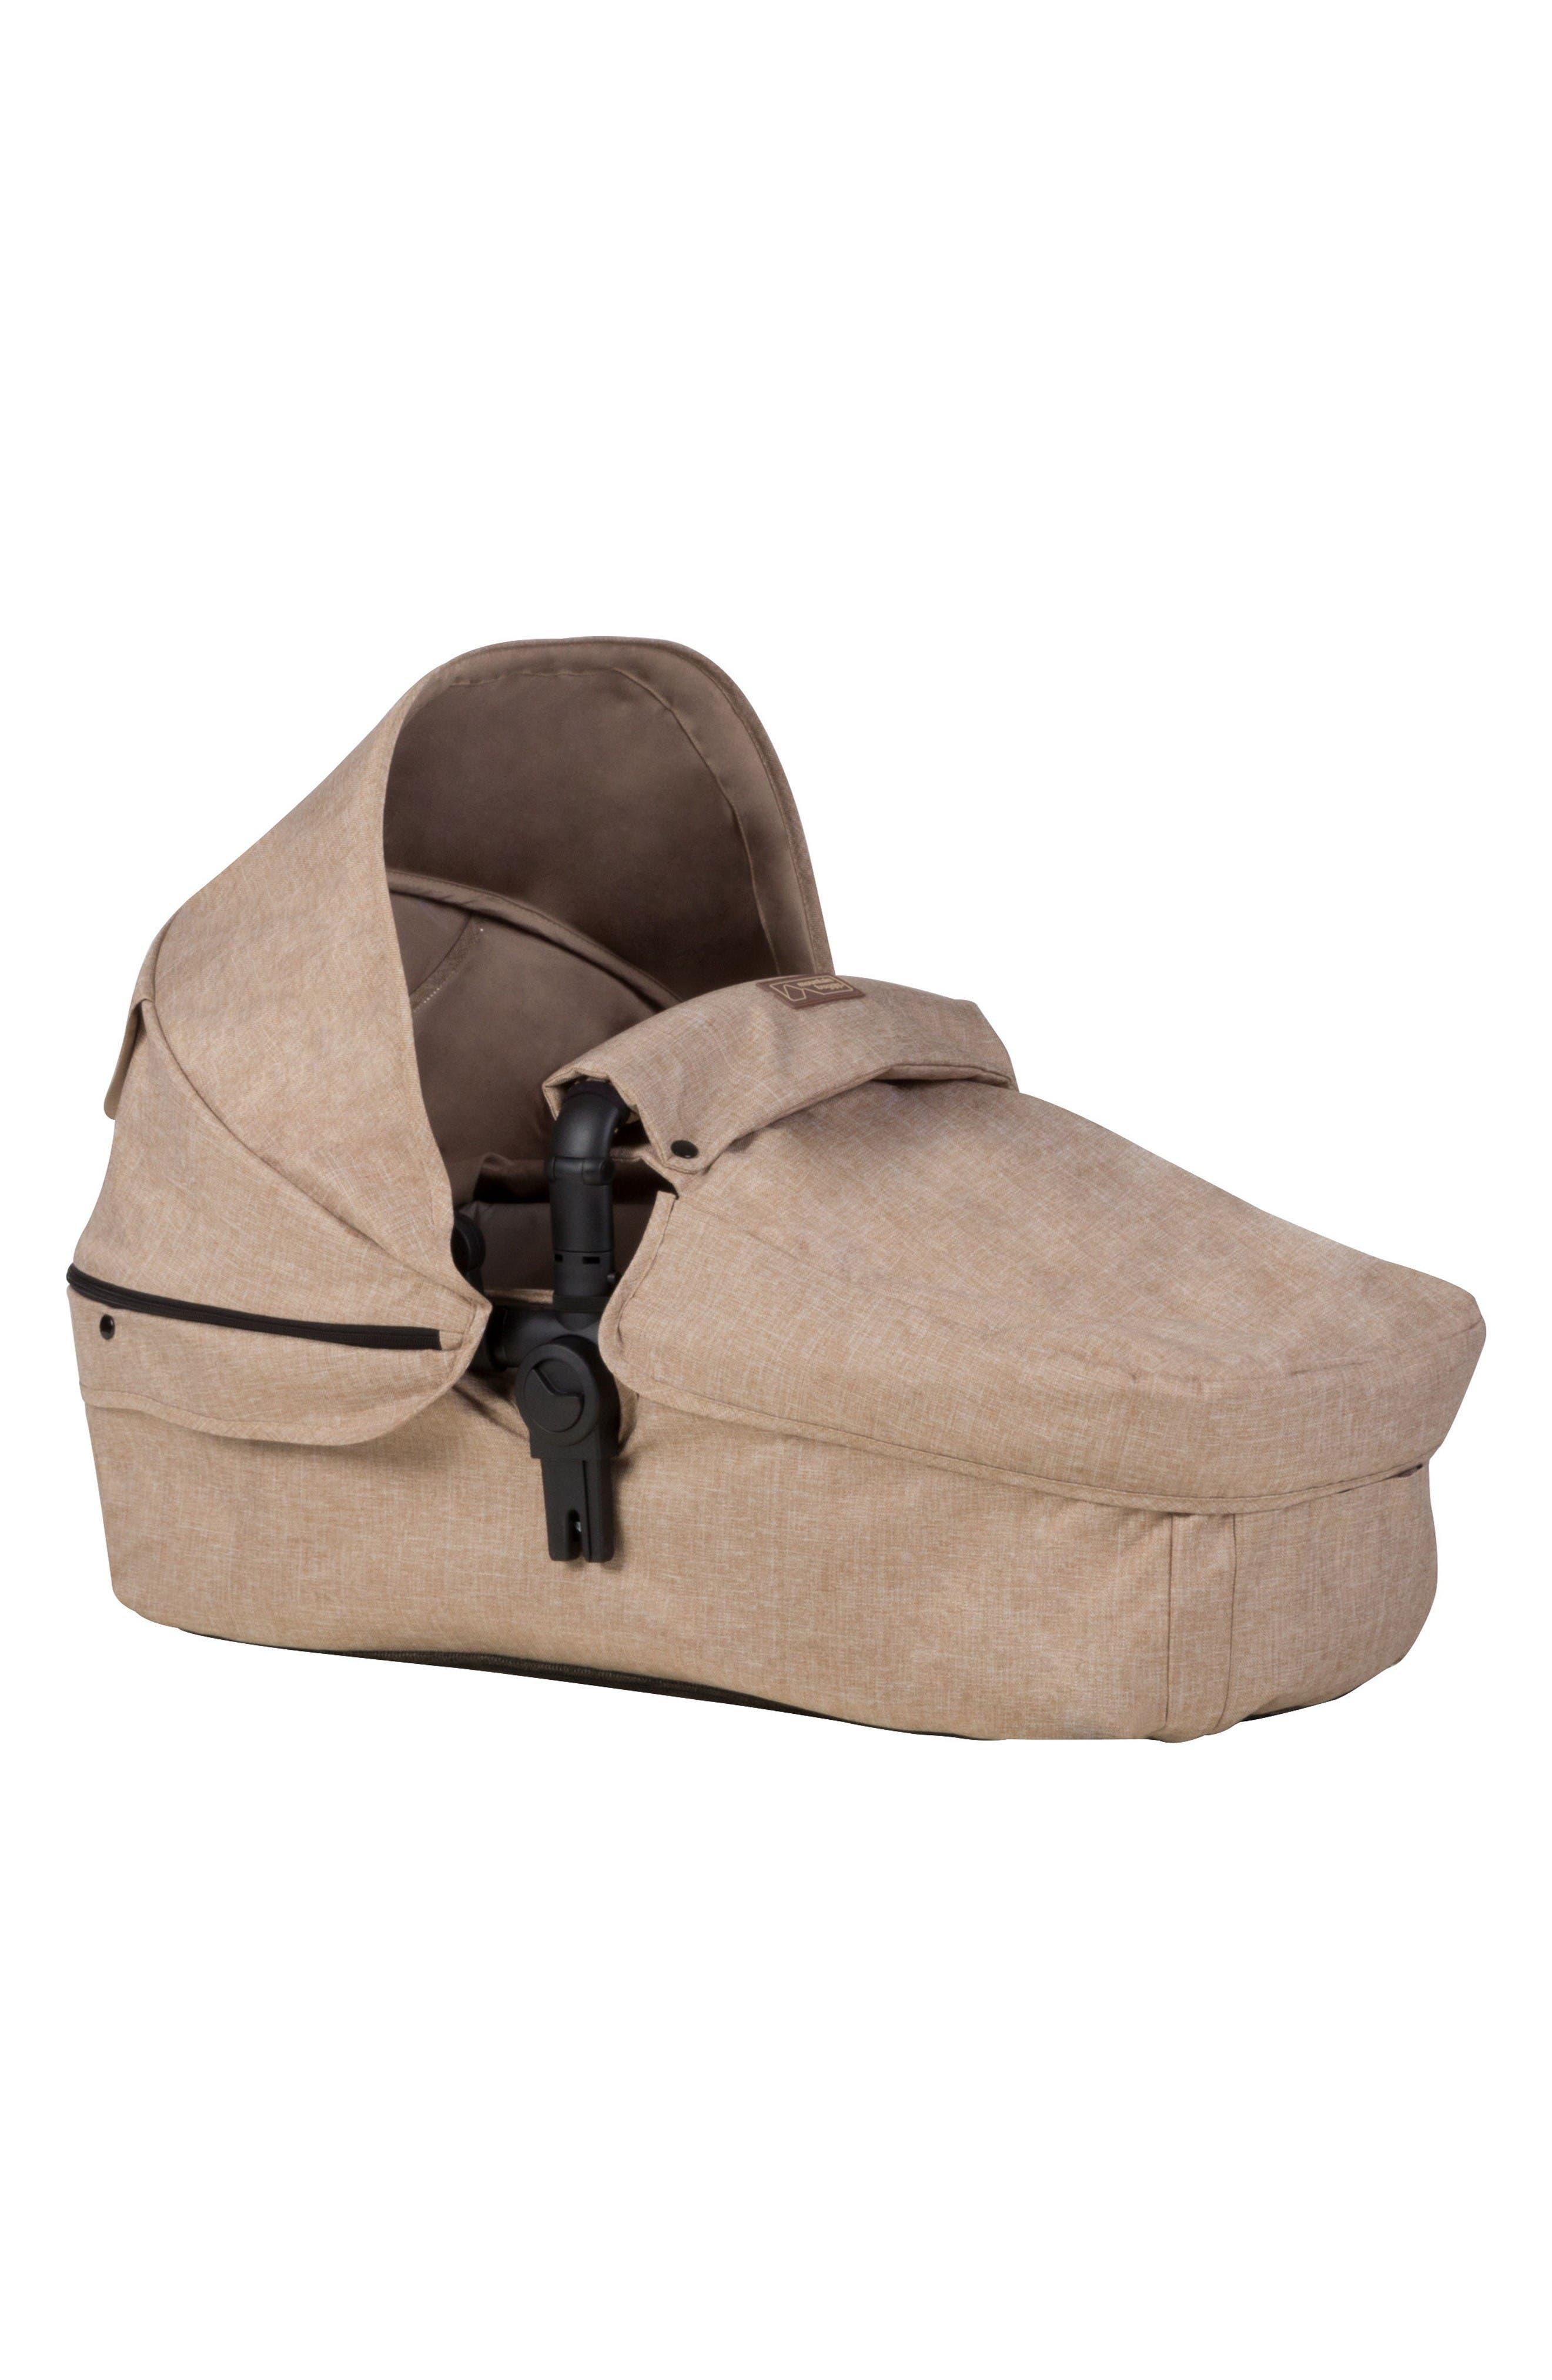 Mountain Buggy® Cosmopolitan Carrycot for Cosmopolitan Stroller